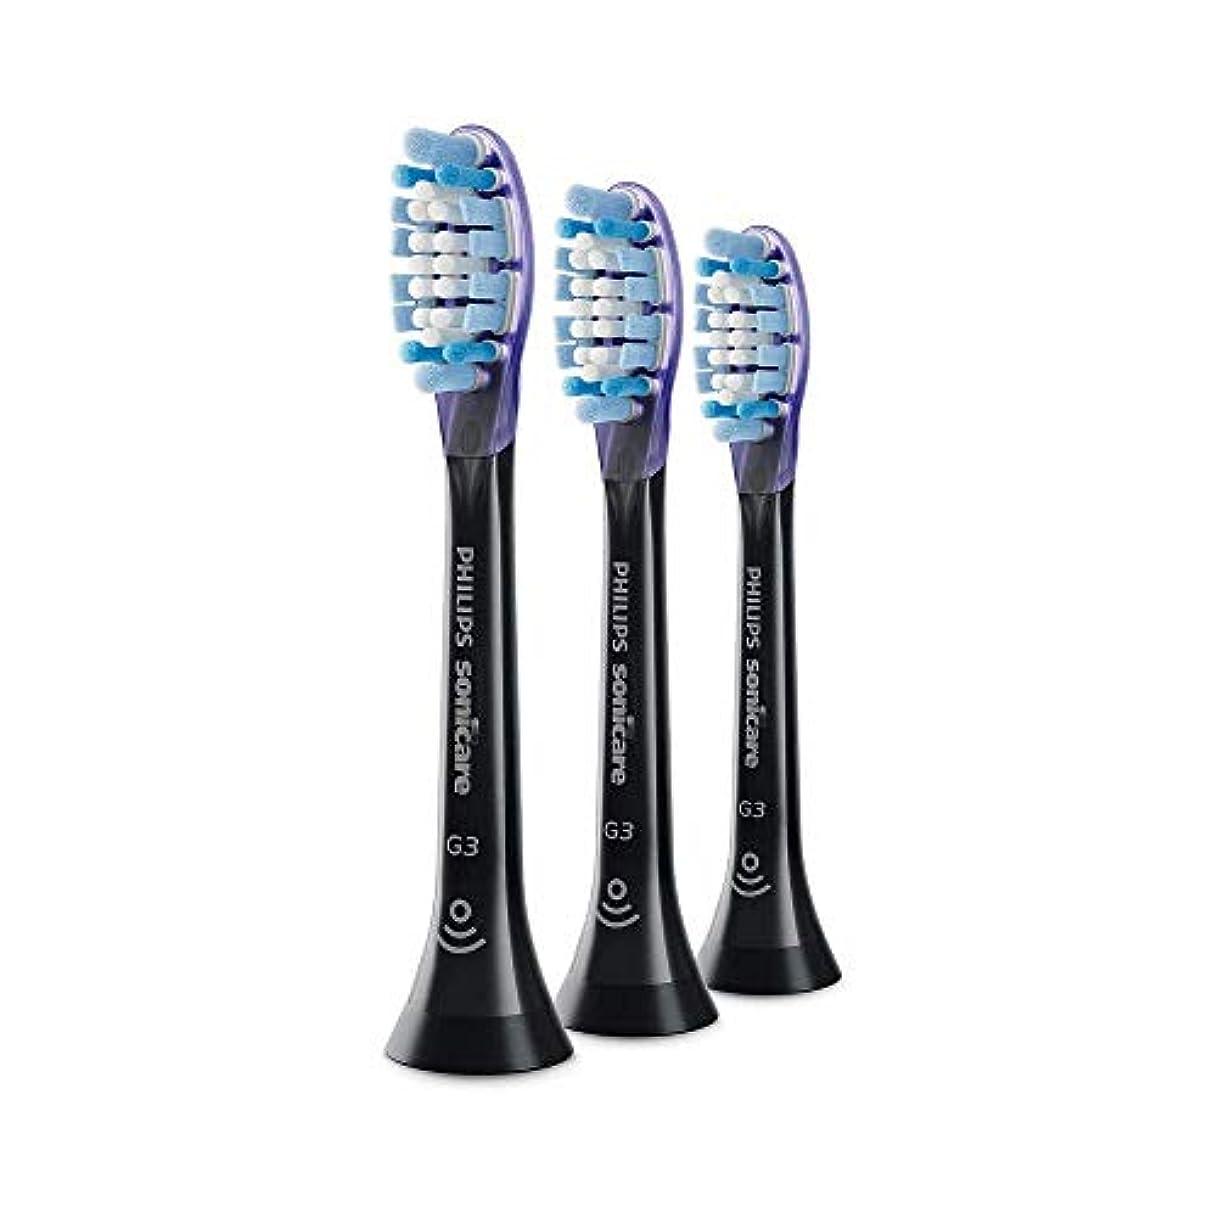 タフわかる意見Philips HX9053 Sonicare G3 Premium GumCare 標準のソニック歯ブラシヘッド Black [並行輸入品]